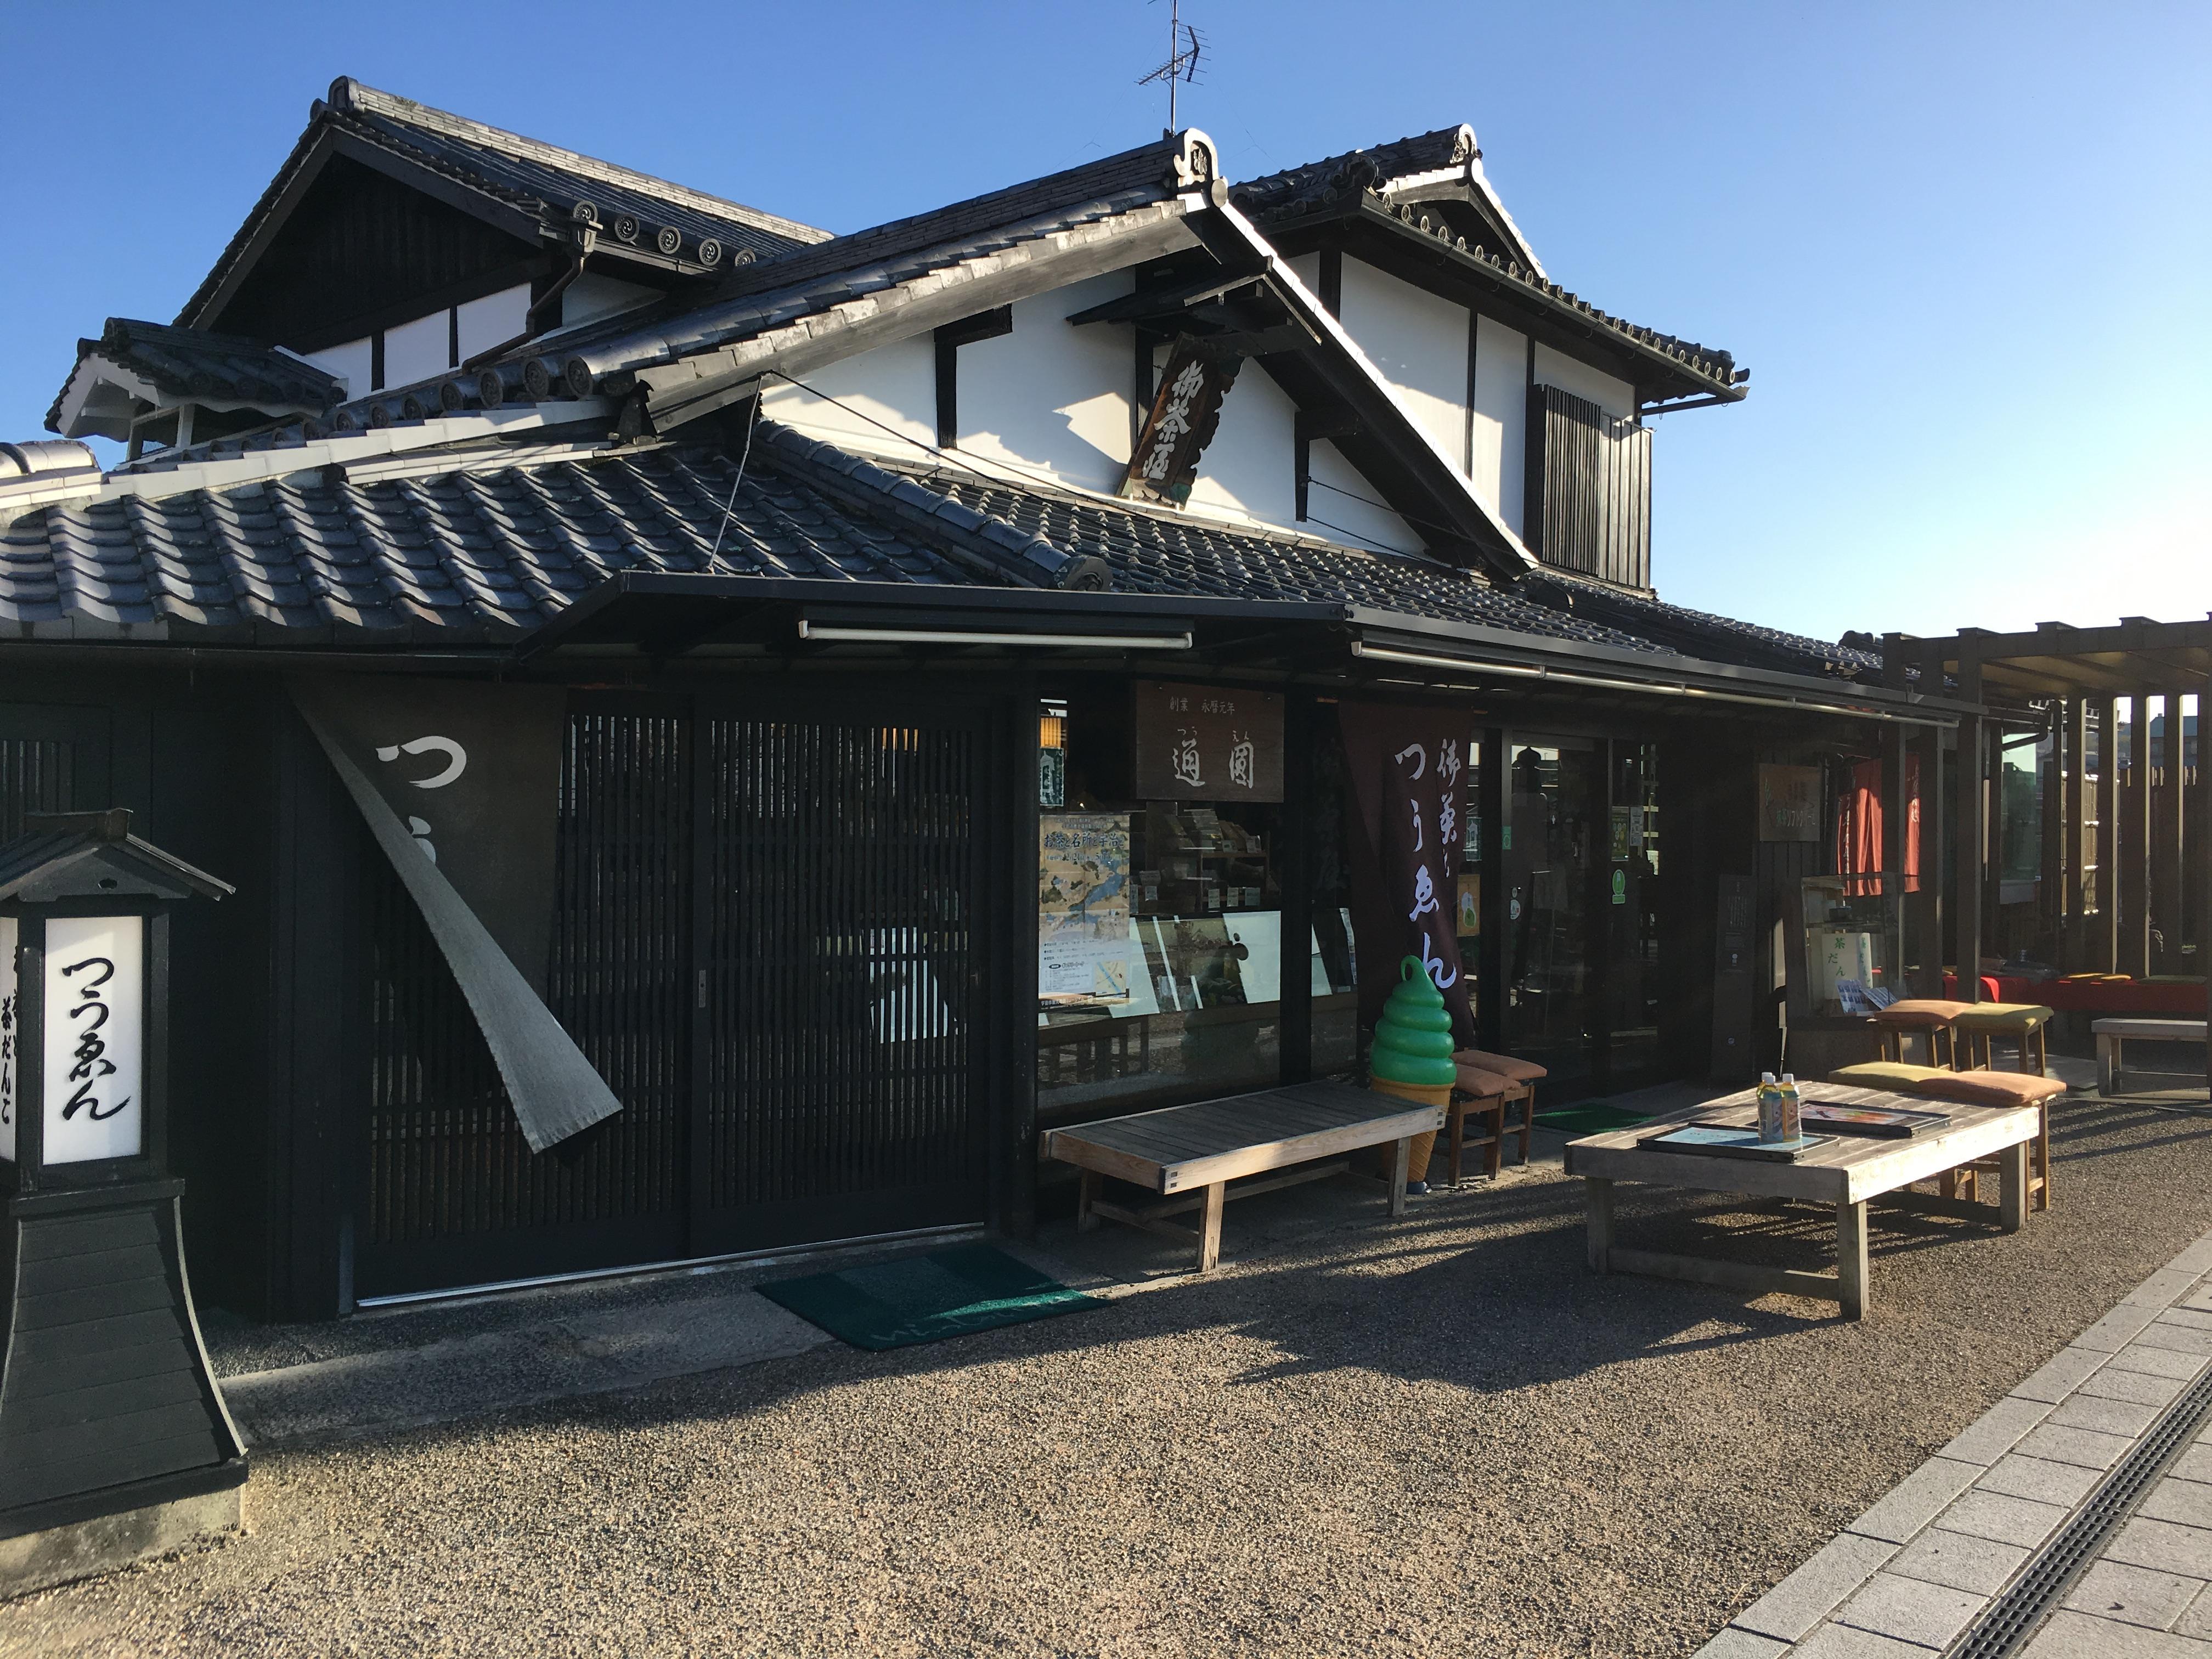 京都宇治の通圓茶屋で食べる本格派抹茶スイーツ!レビューあり。